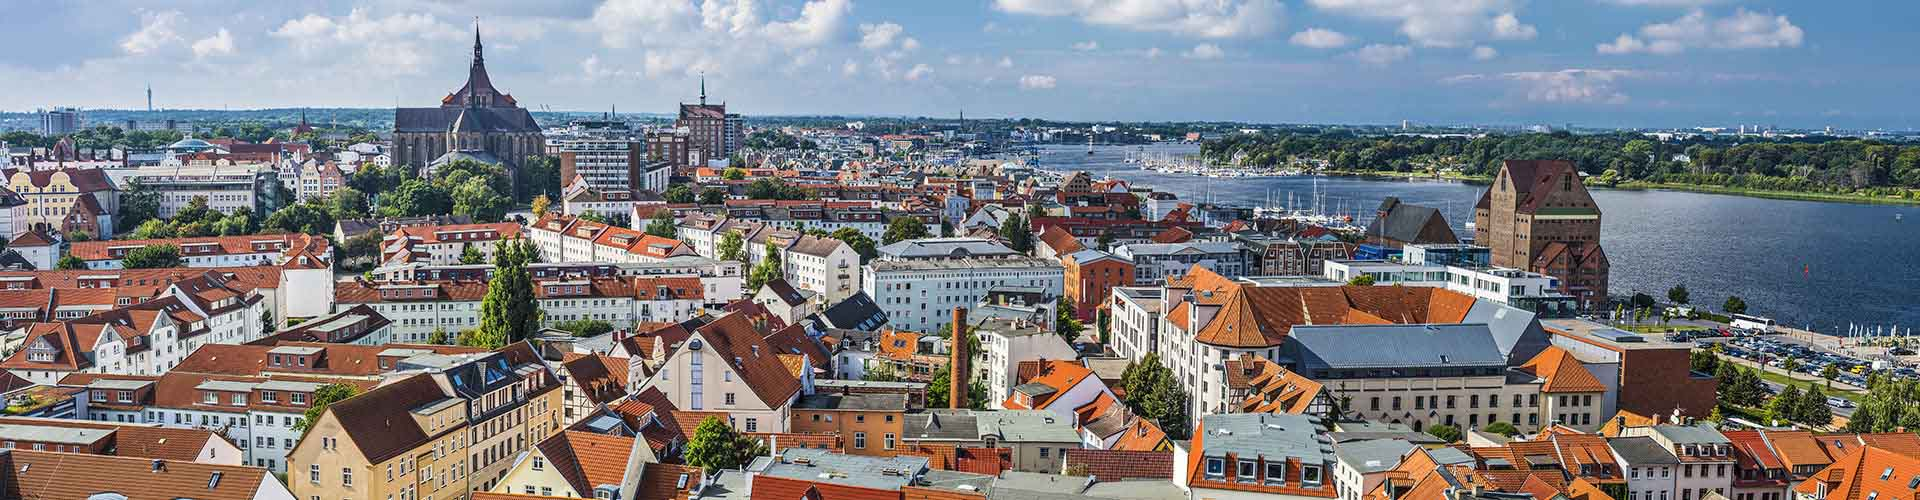 Rostock - Apartamentos en Rostock. Mapas de Rostock, Fotos y comentarios de cada Apartamento en Rostock.